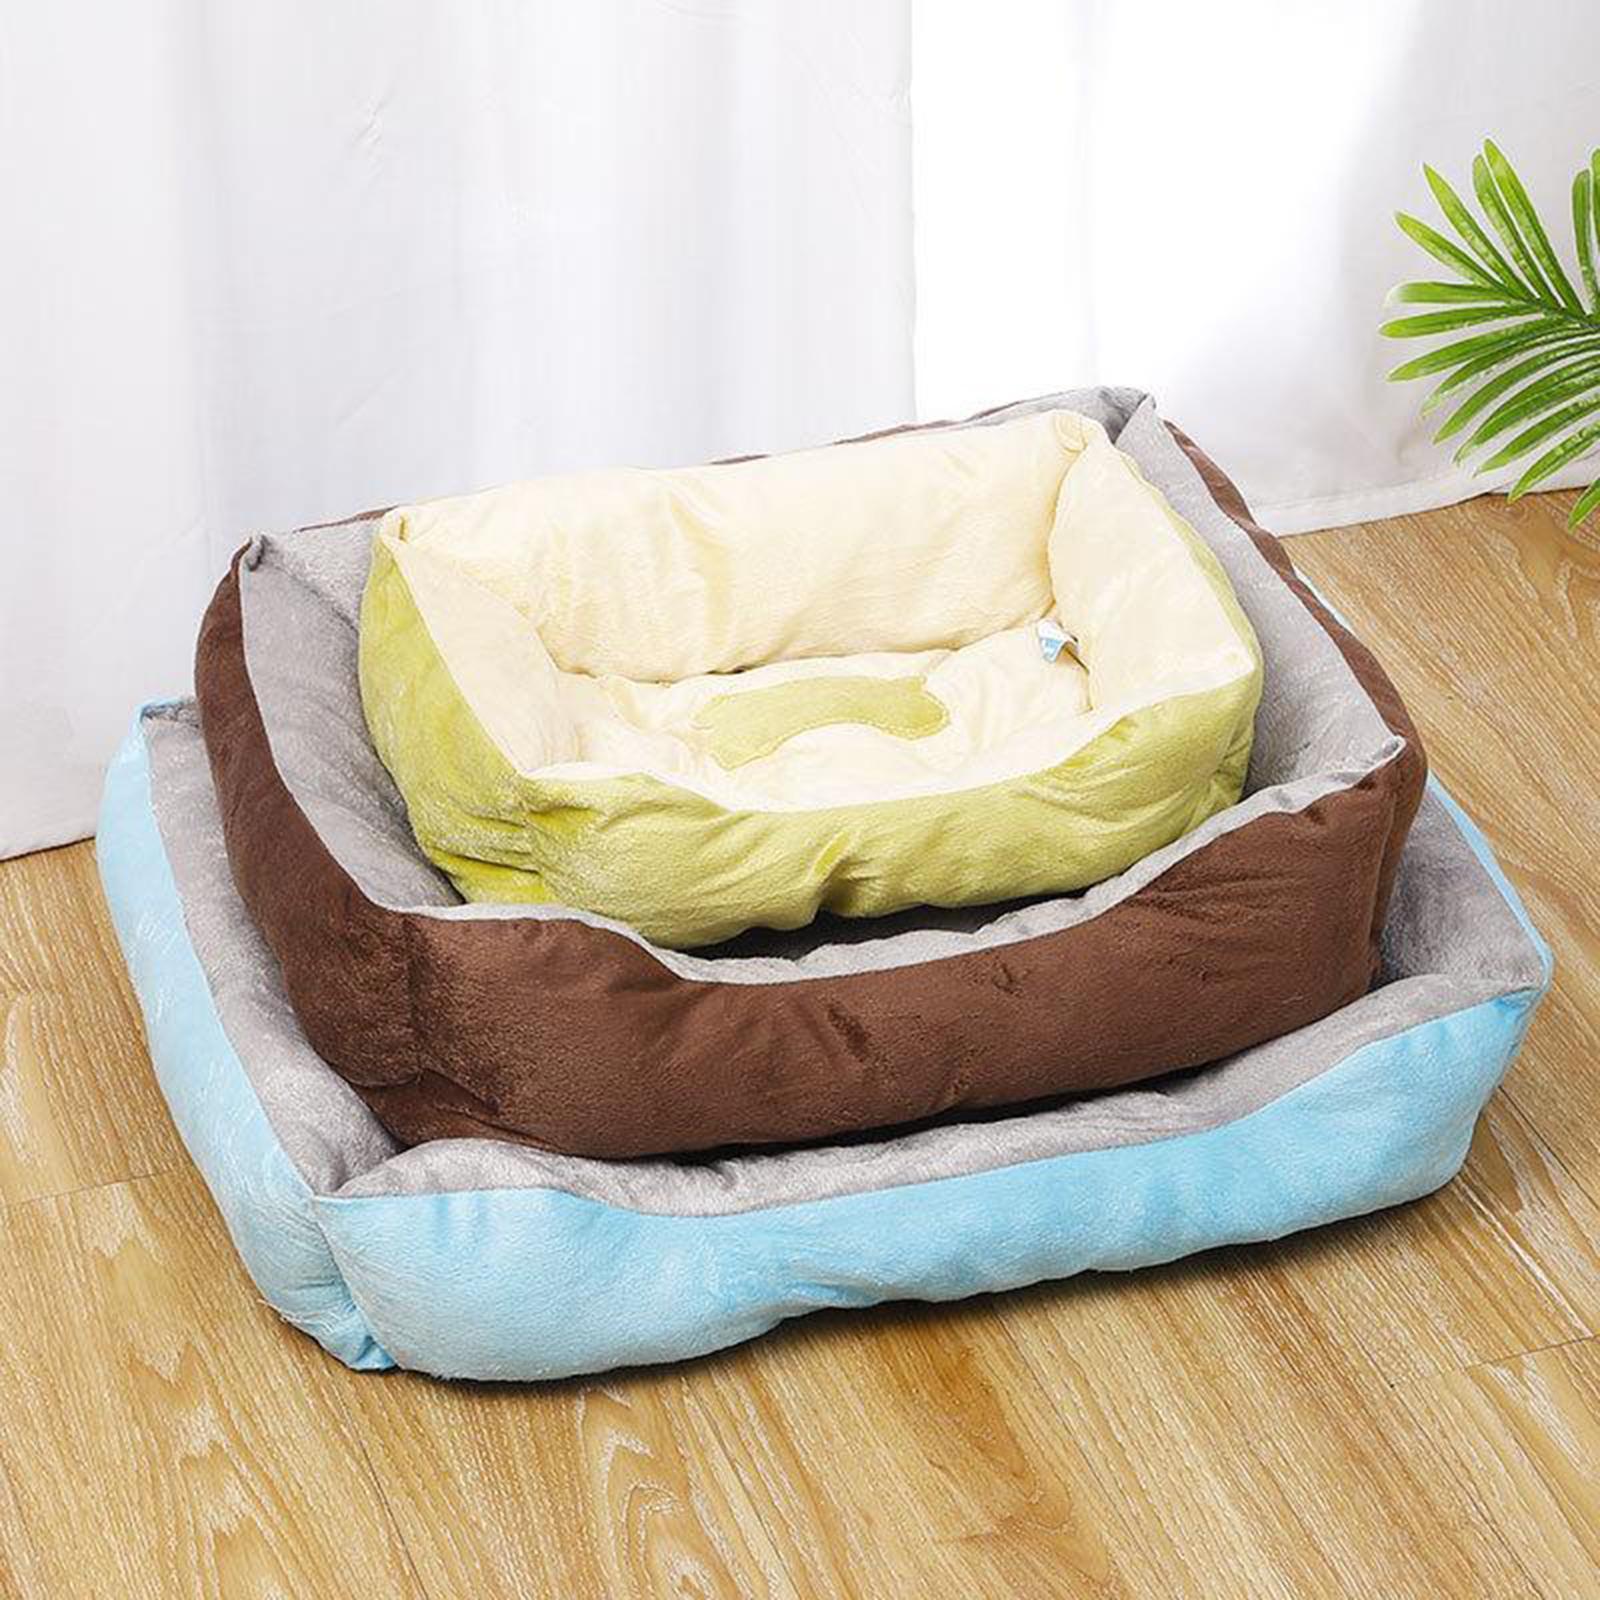 Indexbild 9 - Katze-Hund-Bett-Pet-Kissen-Betten-Haus-Schlaf-Soft-Warmen-Zwinger-Decke-Nest